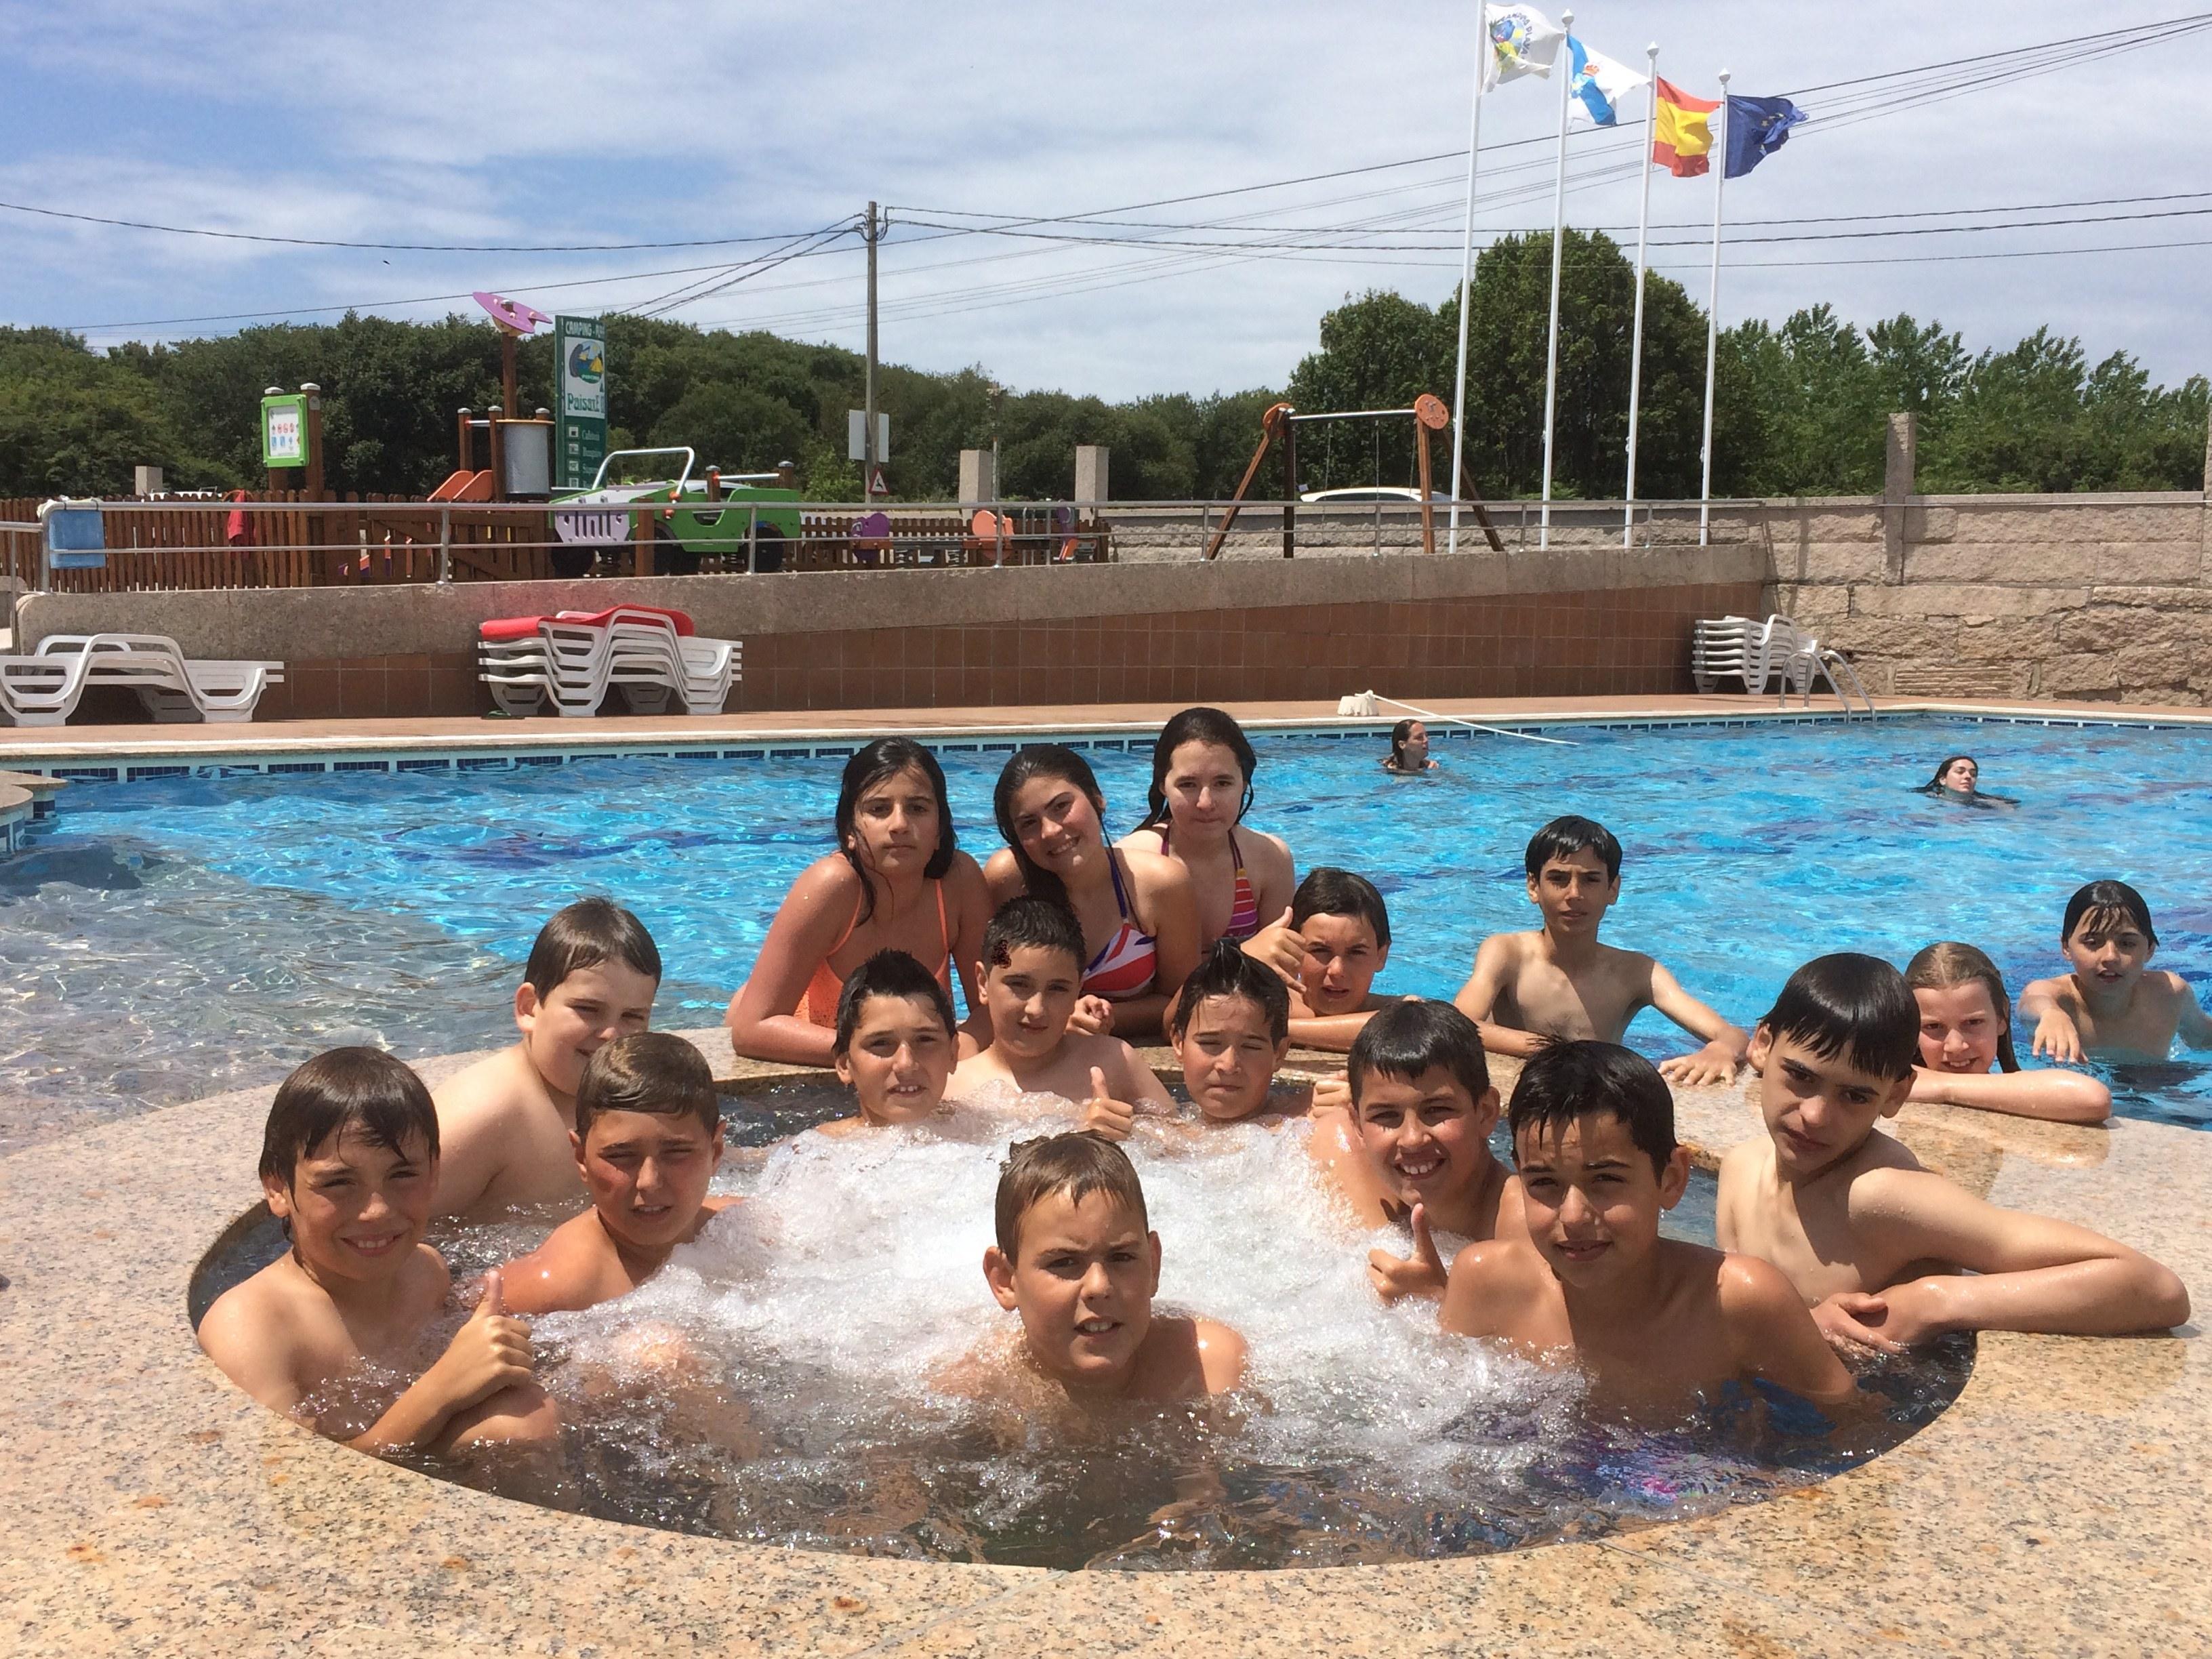 Jacuzzi Piscina Paisaxe Summer Camp